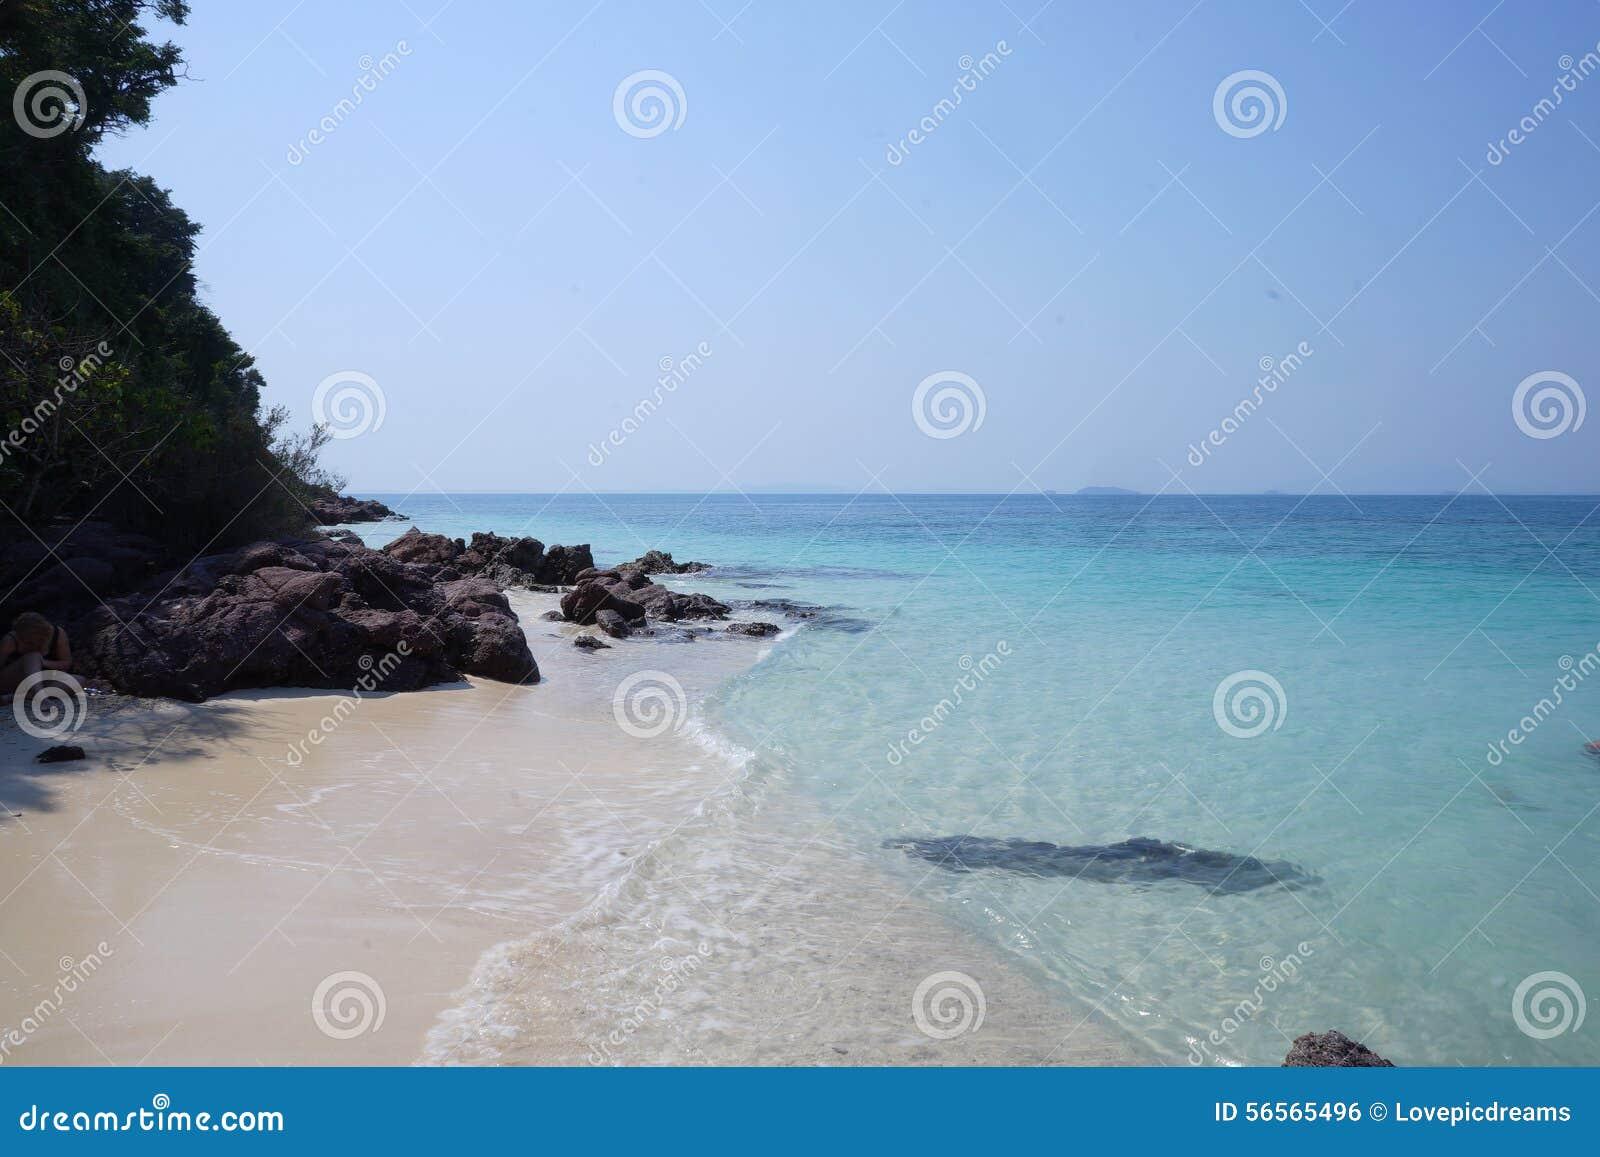 Download Πέτρινη θάλασσα παραλιών άμμου στην Ταϊλάνδη Στοκ Εικόνες - εικόνα από κανένας, κολυμπήστε: 56565496